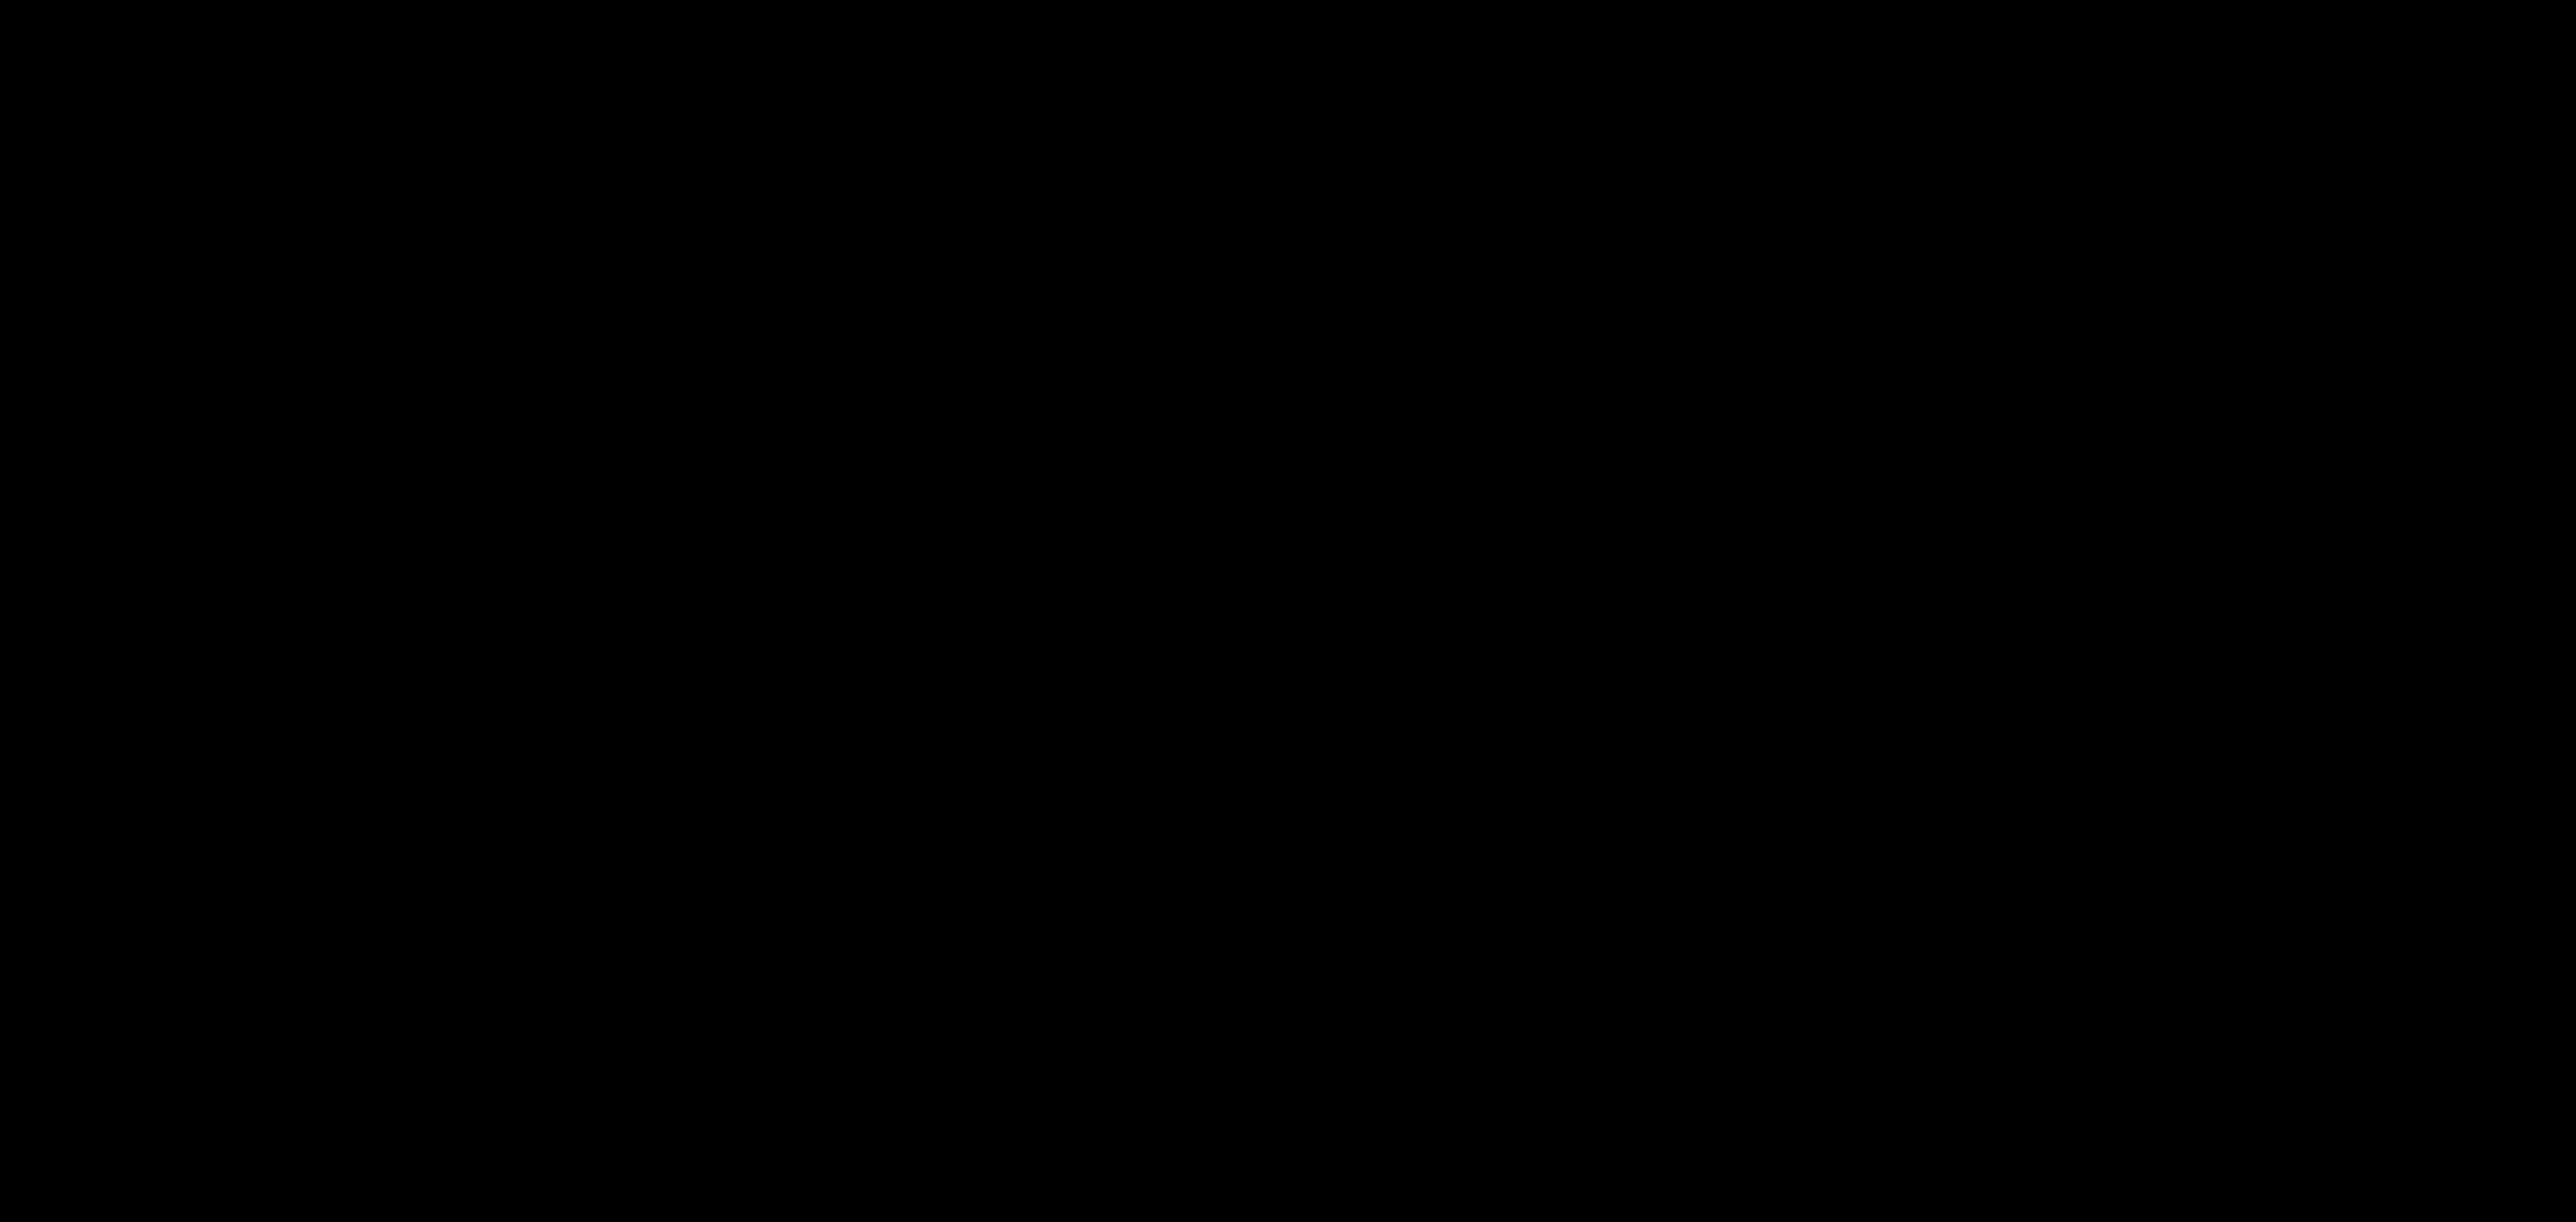 Parte do Wonder Playscape. Foto: Divulgação/Royal Caribbean International